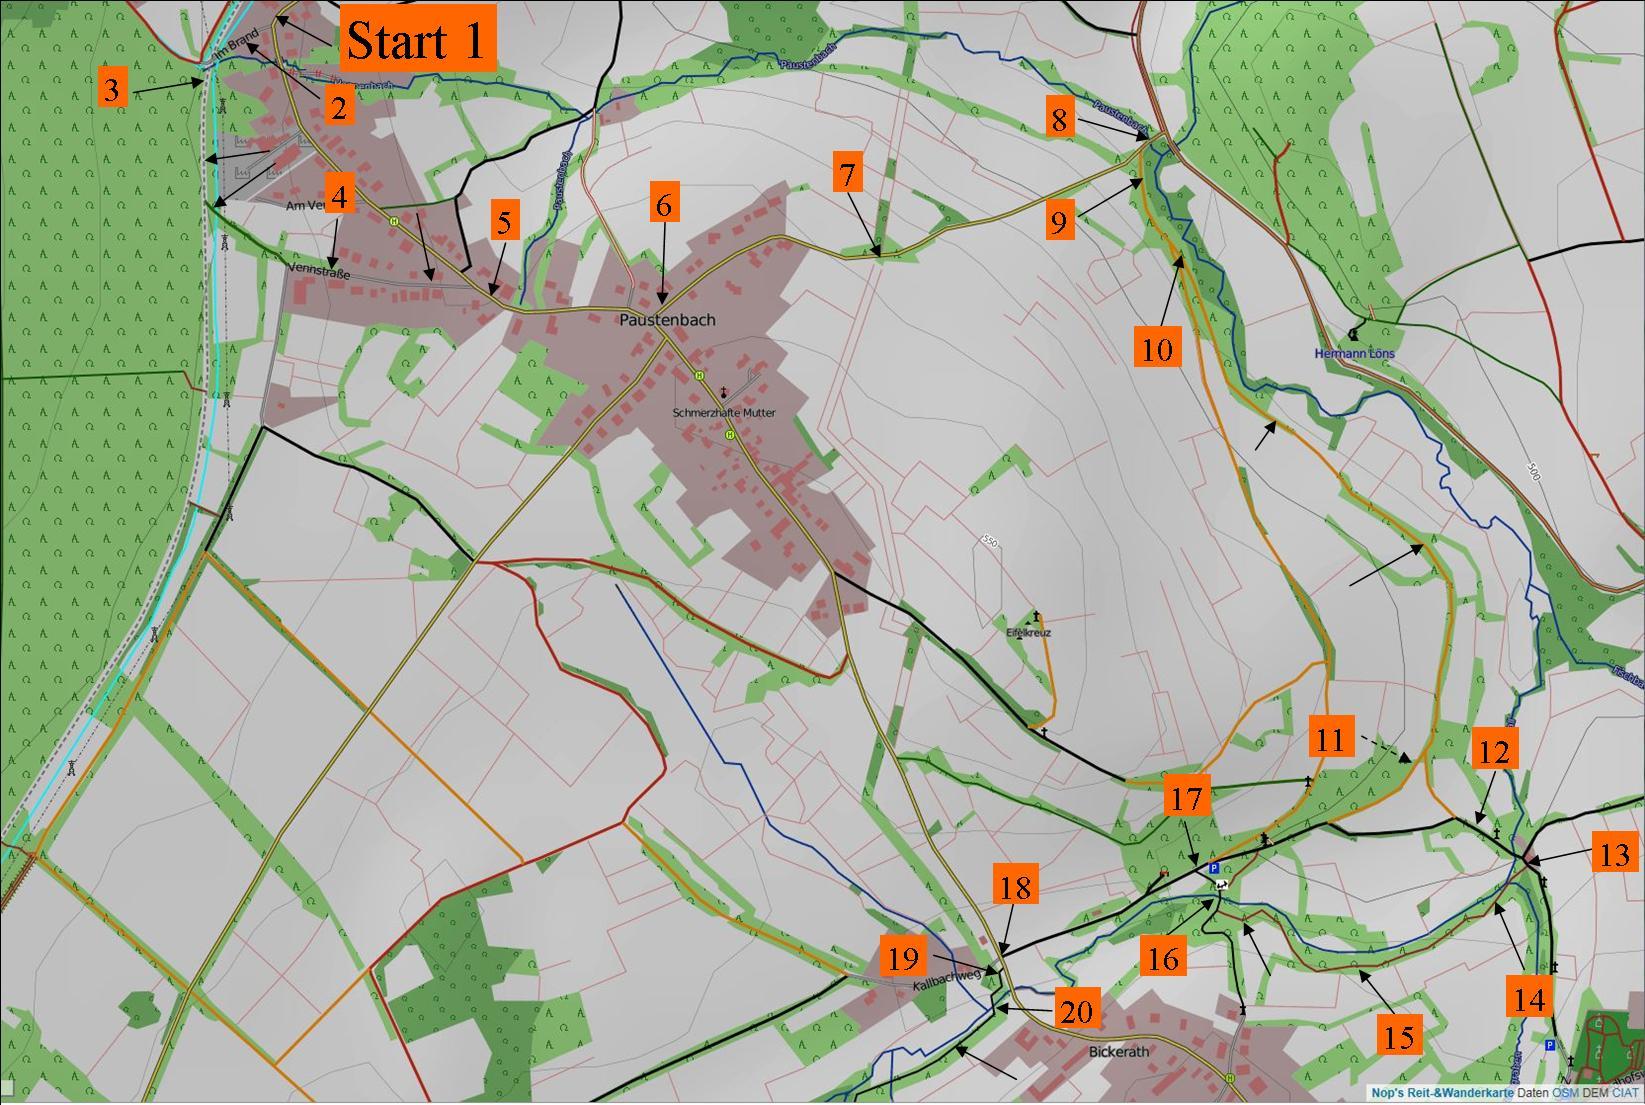 """Wanderung """"Erlebnistour Kall Westwall und angrenzende Moore"""" Karte 1 - Start"""